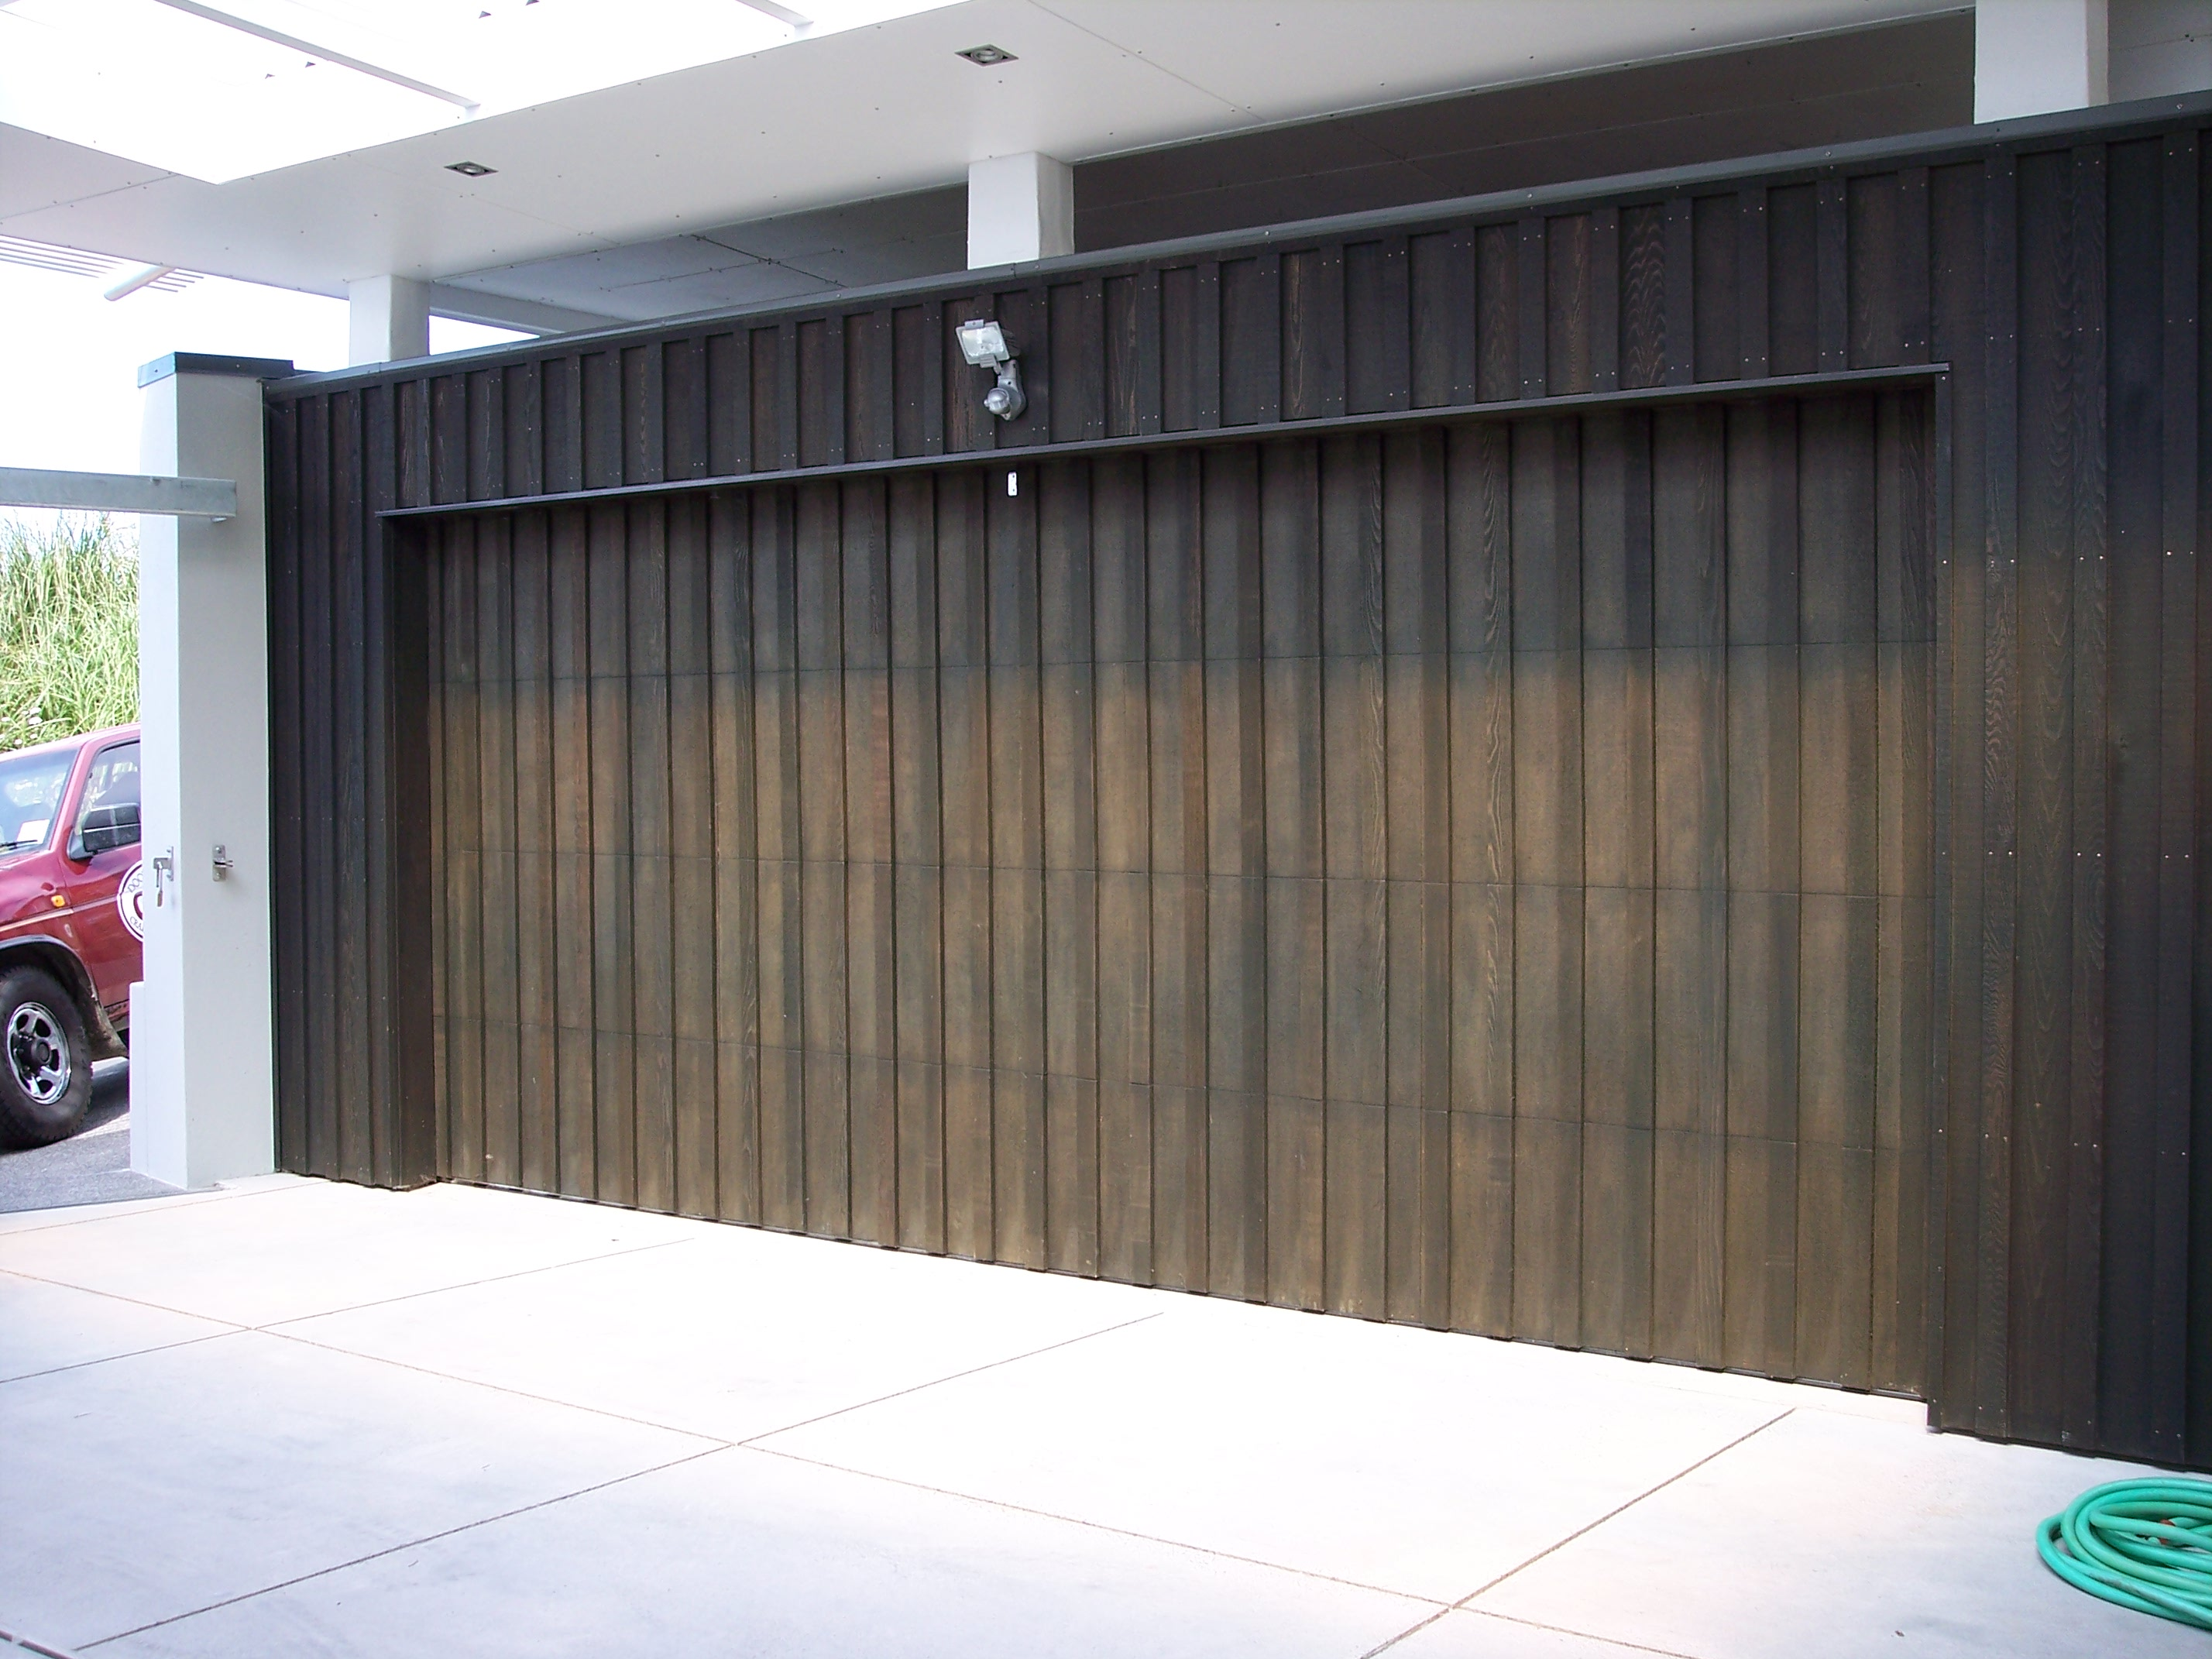 designer doors mackay complete doors on 12 tennyson st mackay designer garage doors special designer garage doors craftwork construction